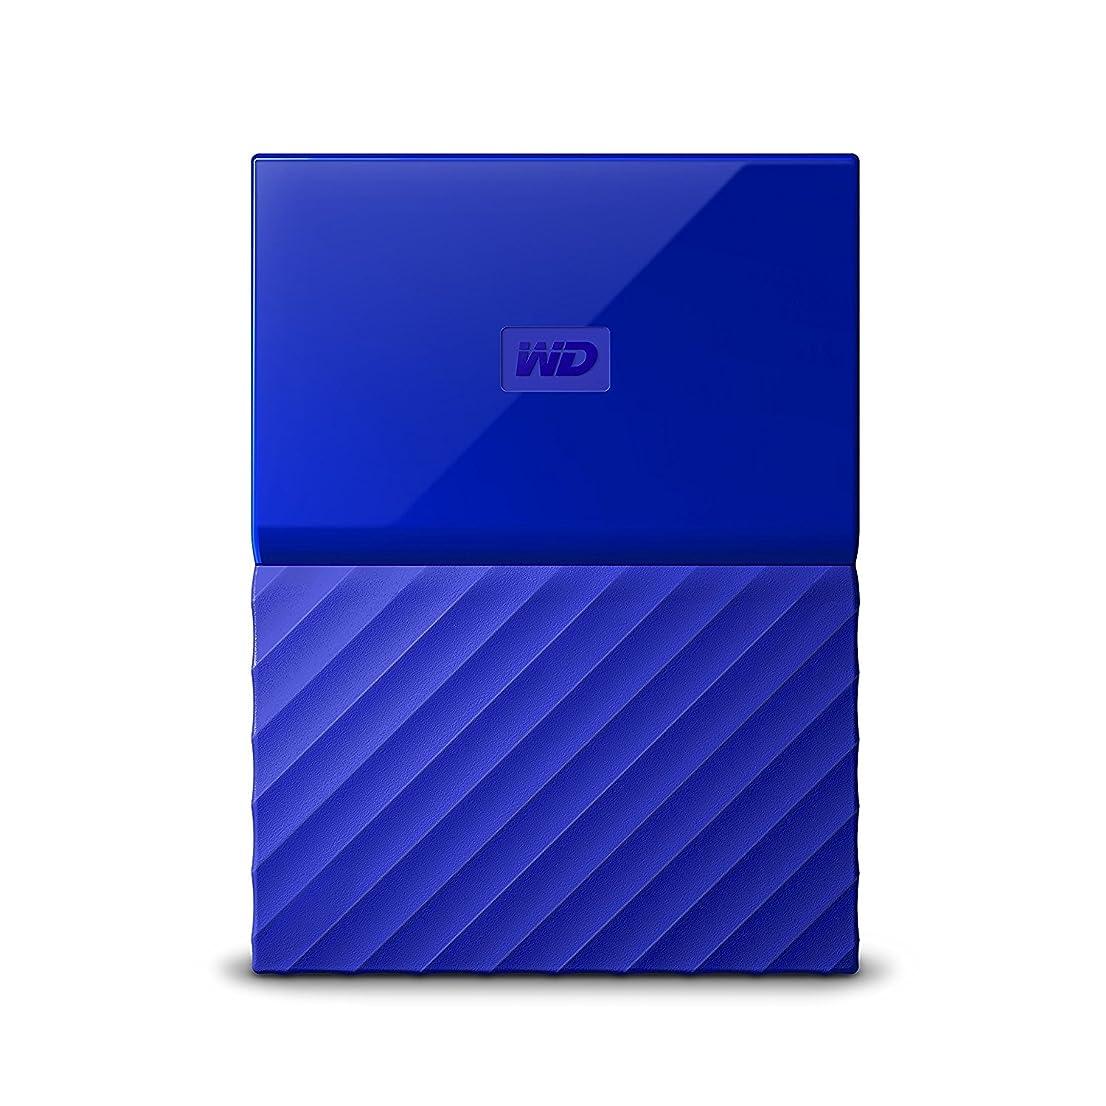 完璧な遠近法ビクターシリコンパワー ポータブルHDD 4TB 2.5インチ USB3.0対応 IPX4 防水 耐衝撃 キズに強い 3年保証 SP040TBPHDA60S3K